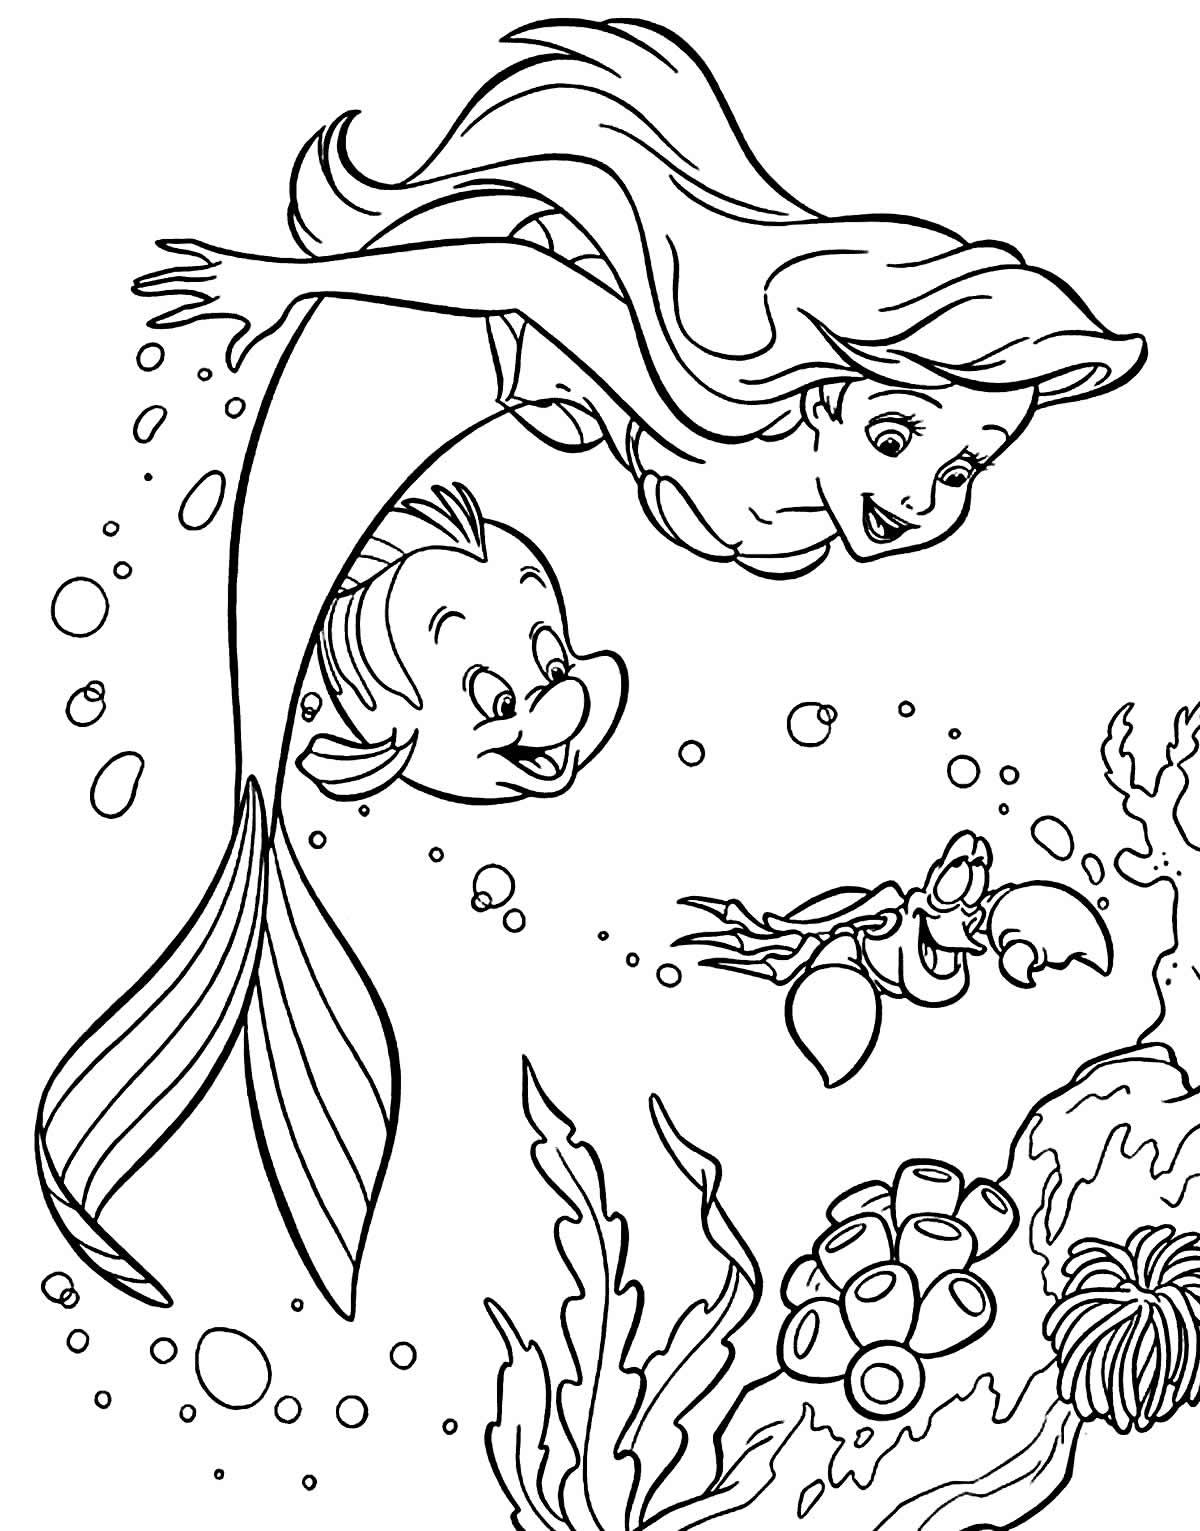 Imagem da Pequena Sereia para colorir